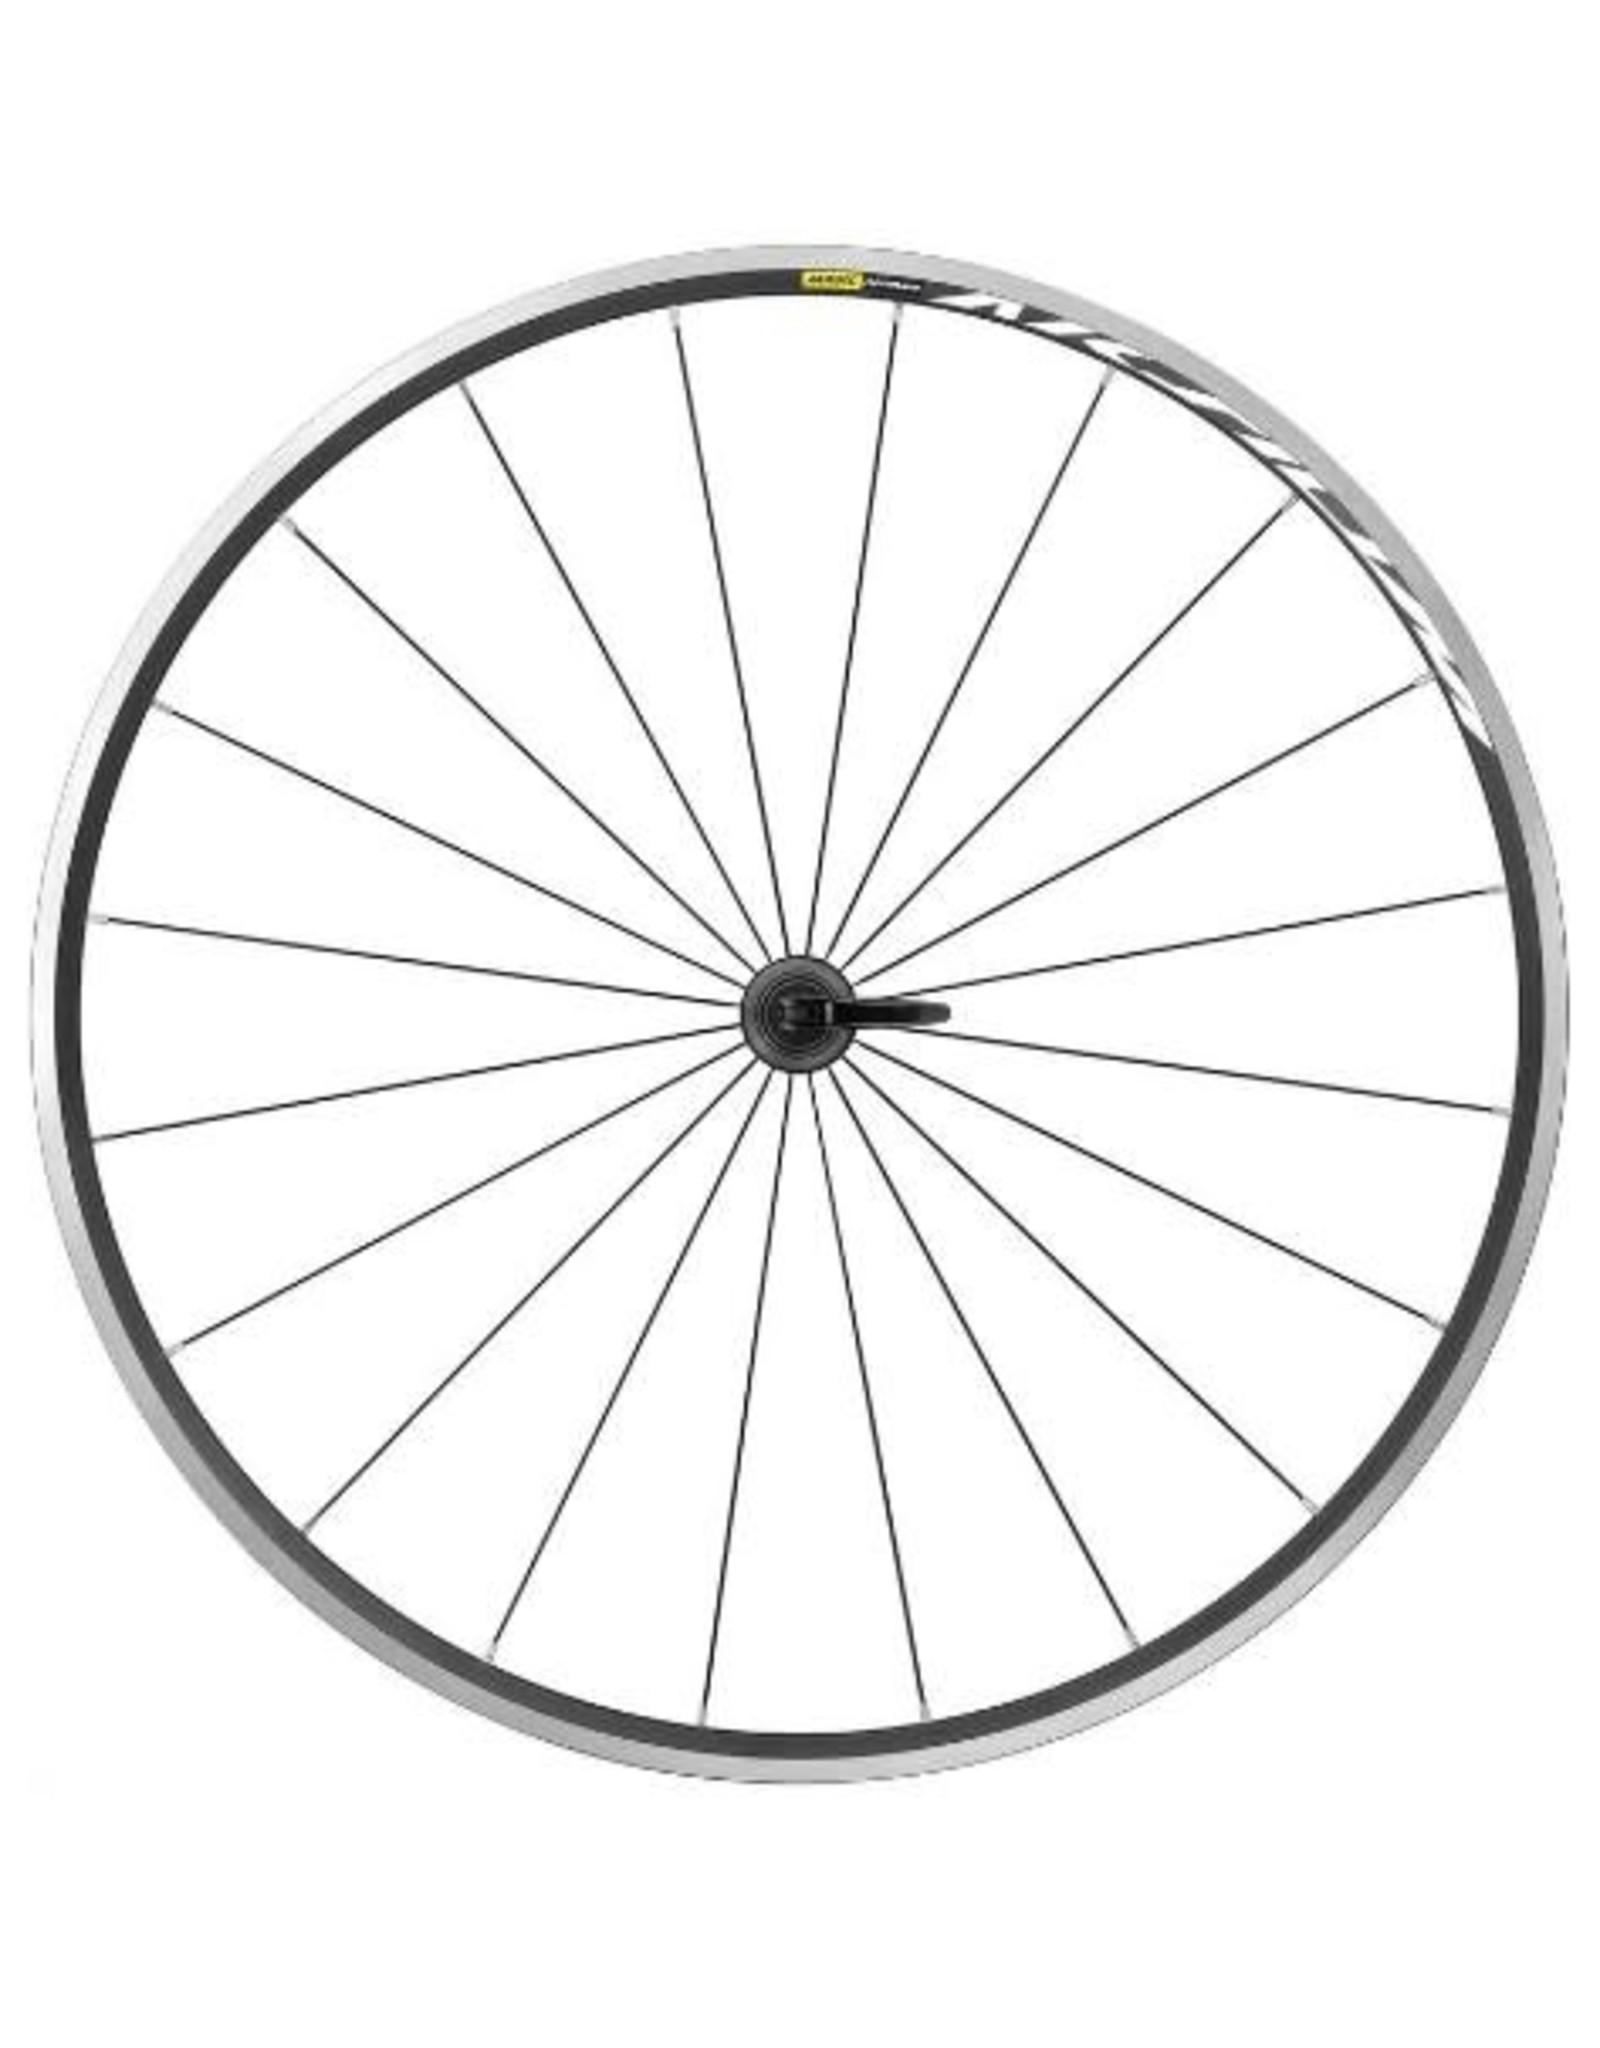 Mavic Wheels 700 Mavic Aksium 19 rim brake HG11 (pair)